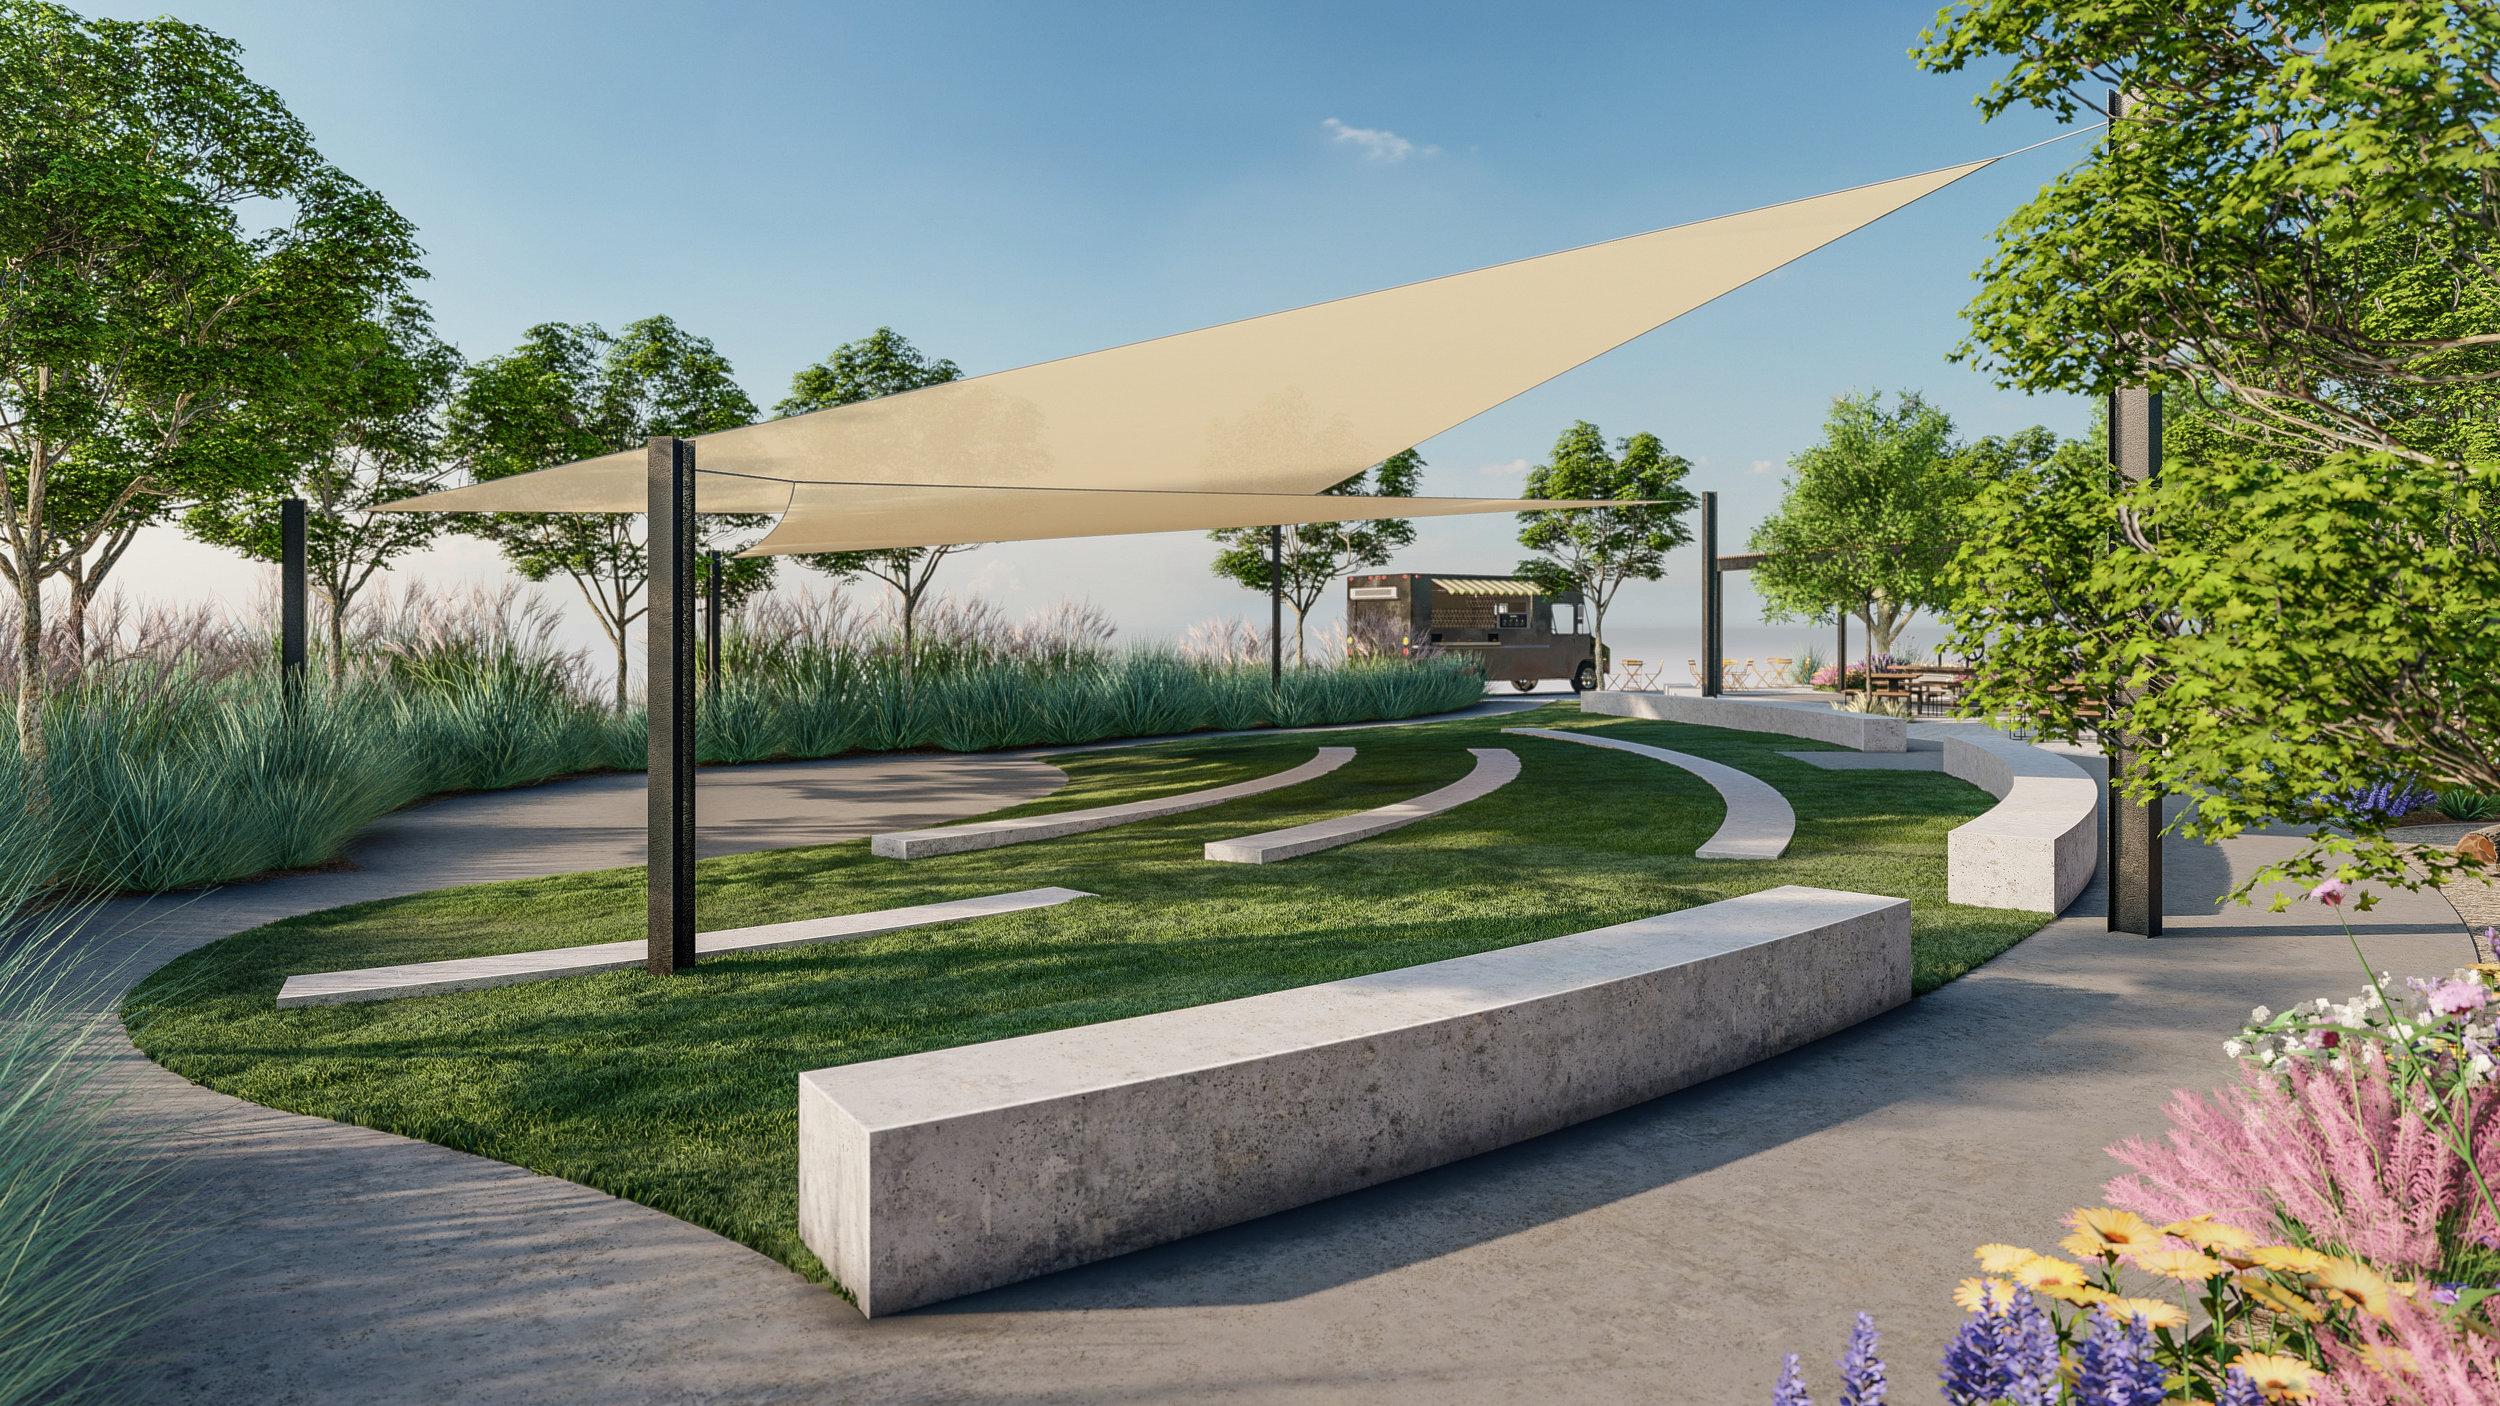 Tobin James Park Landscape Architecture